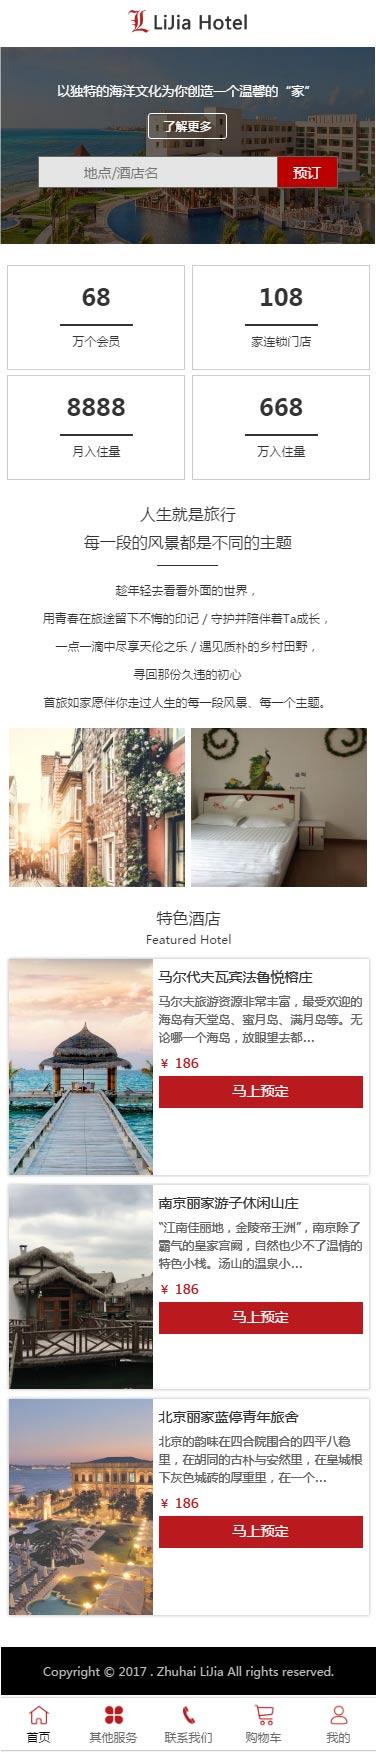 Lajia酒店展示模板